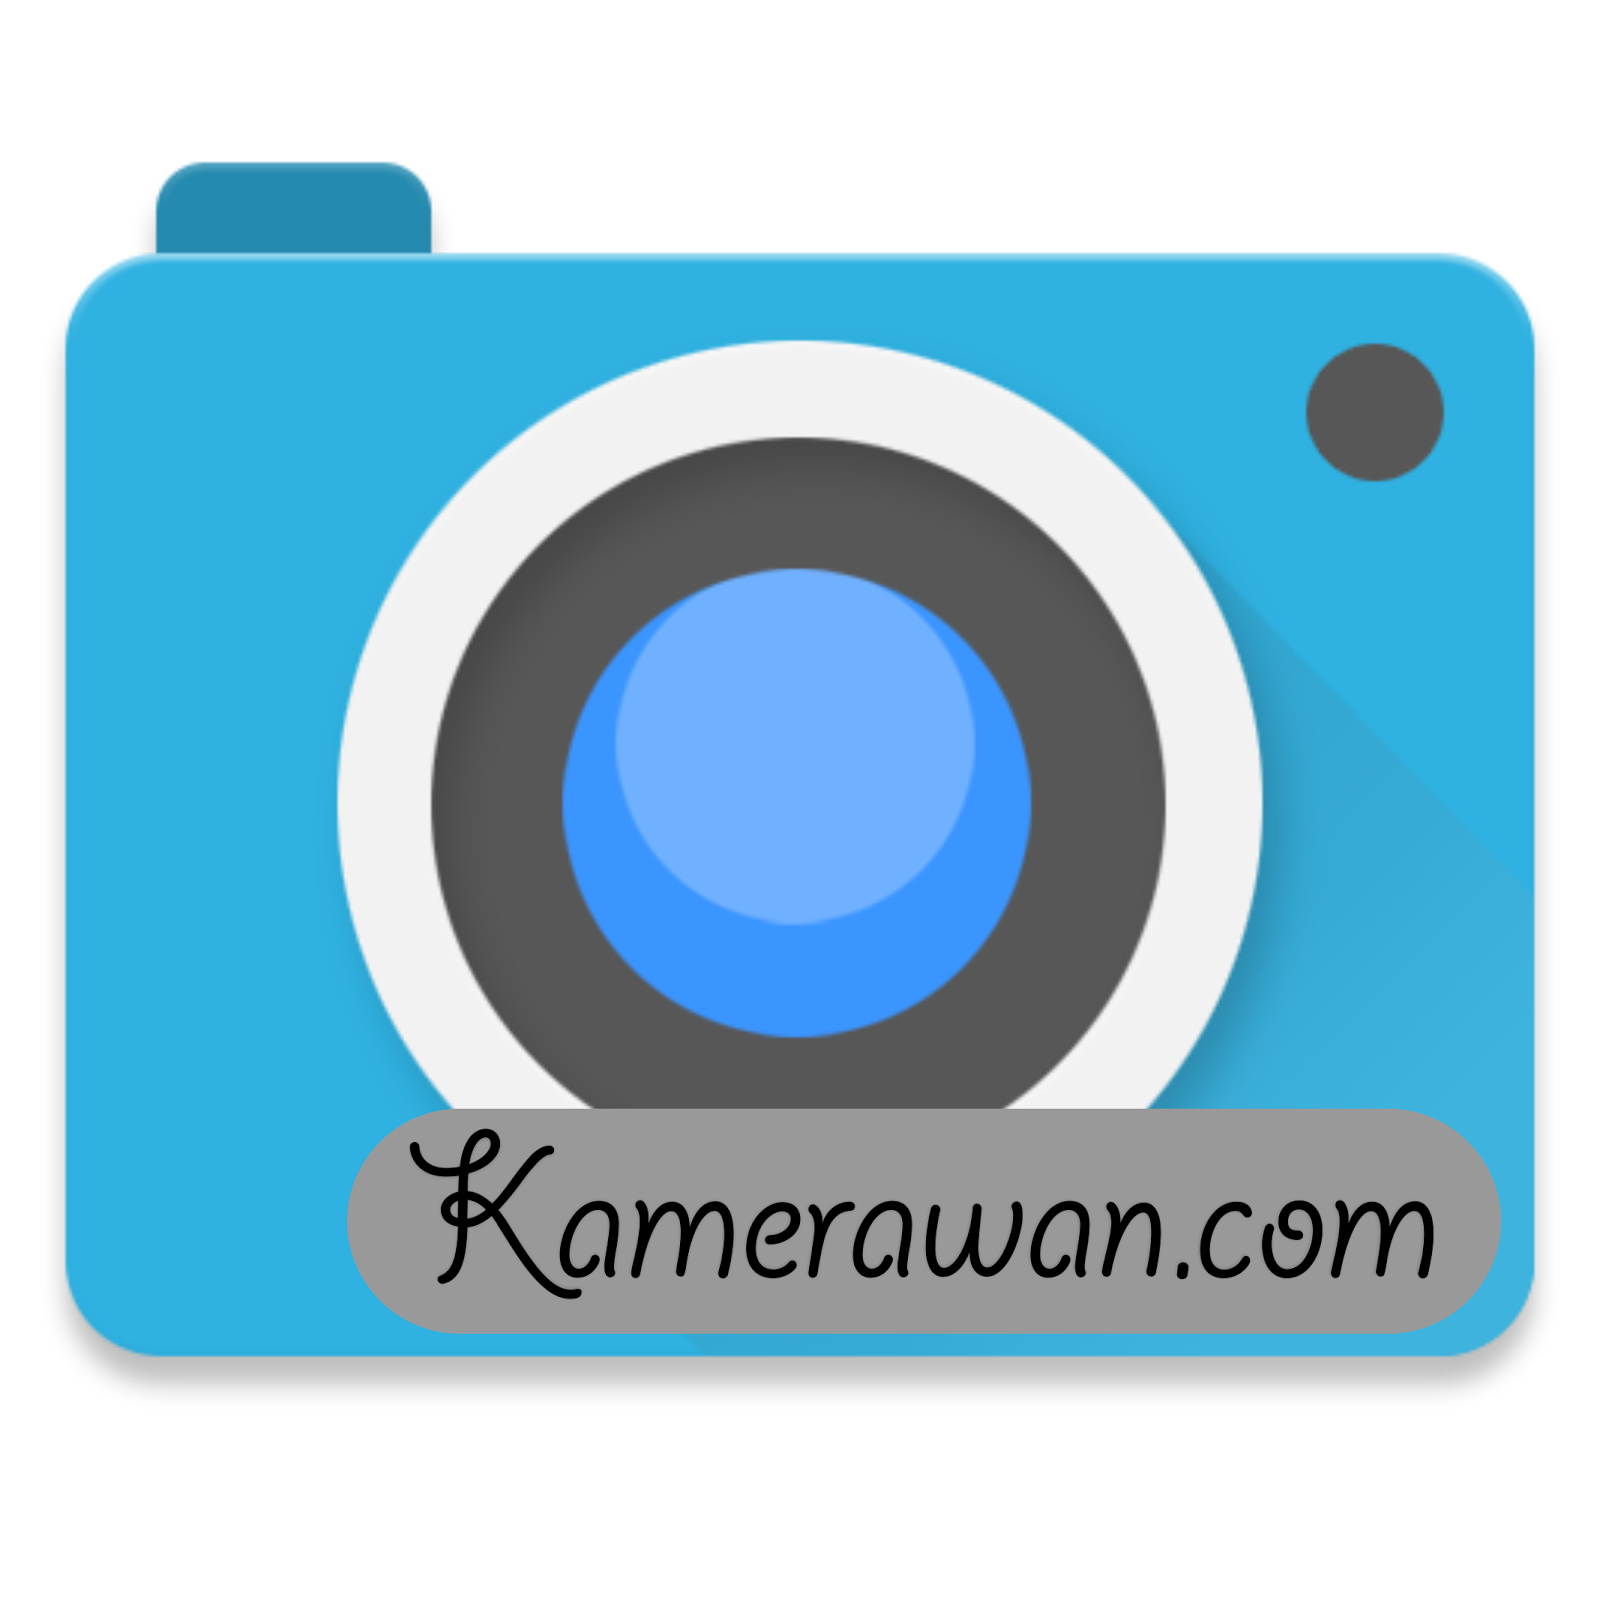 Harga Kamera Terbaru 2016 | Harga Kamera DSLR | Harga Kamera Pocket